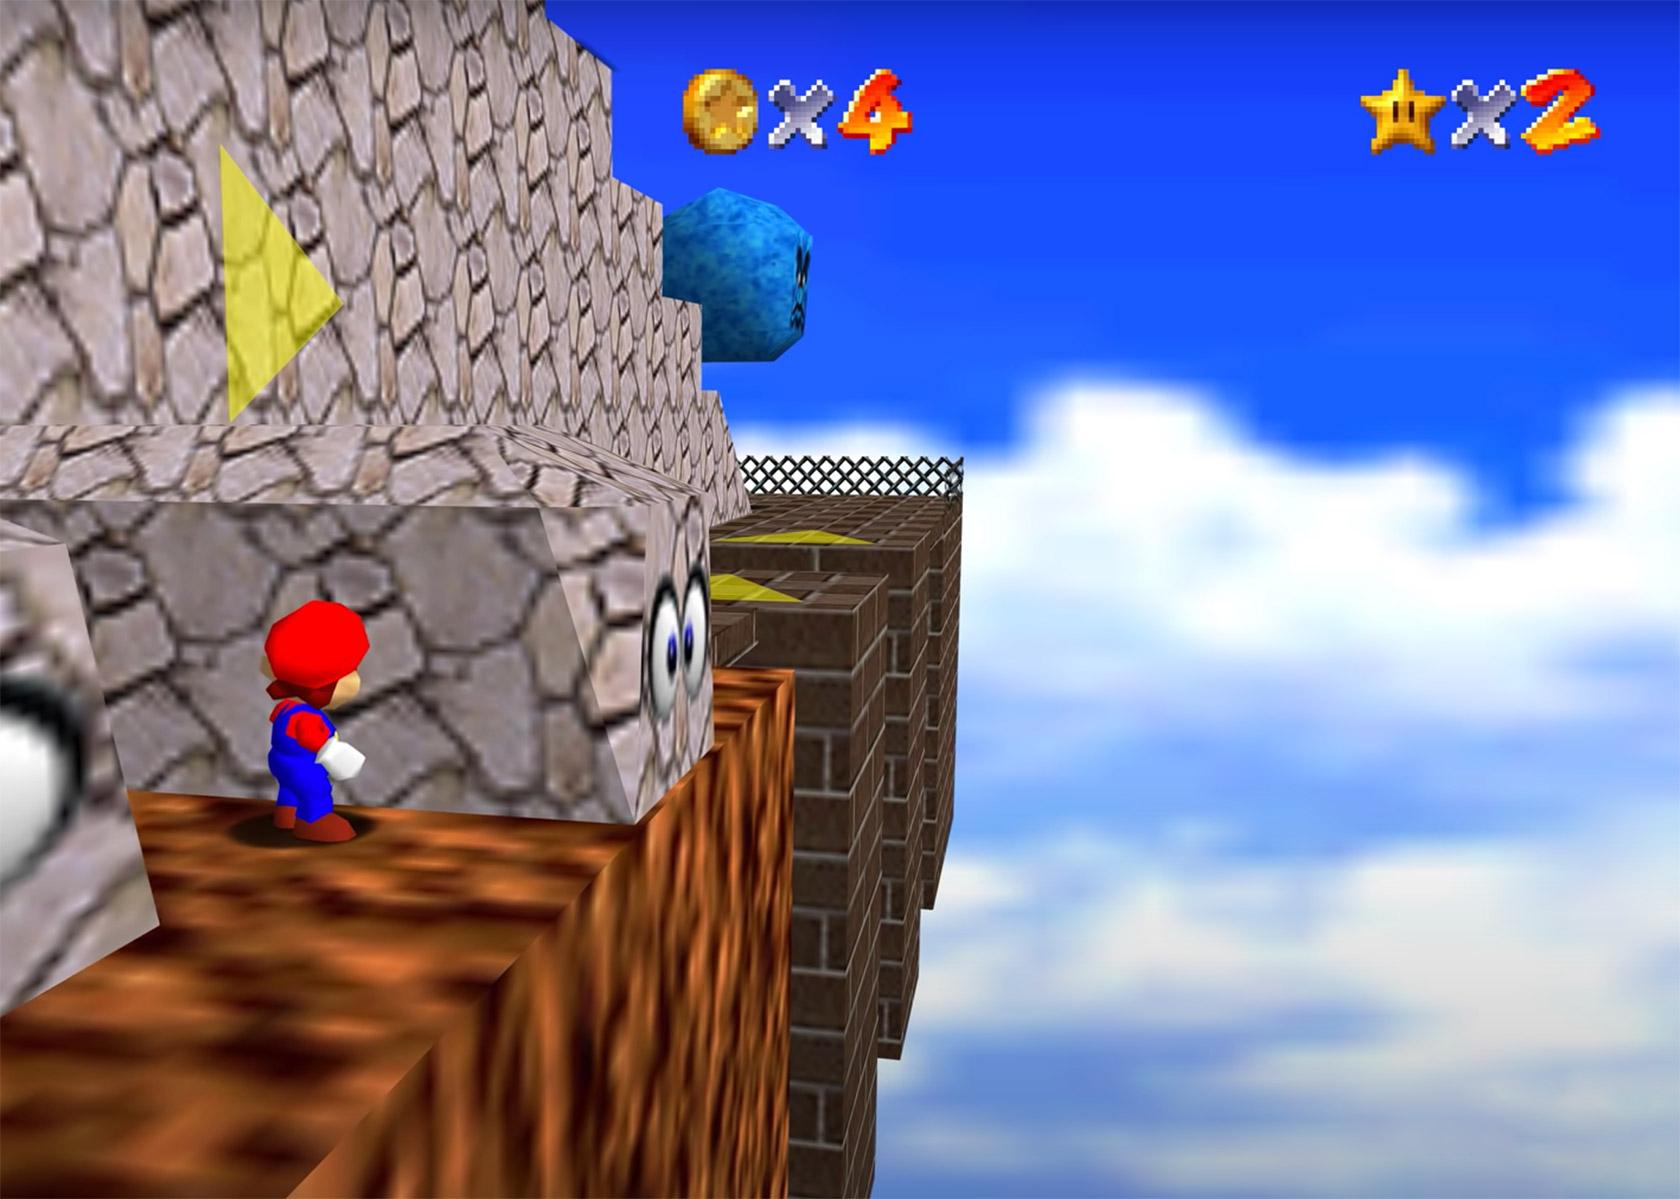 Nintendo Super Mario 64 PC Port 4K